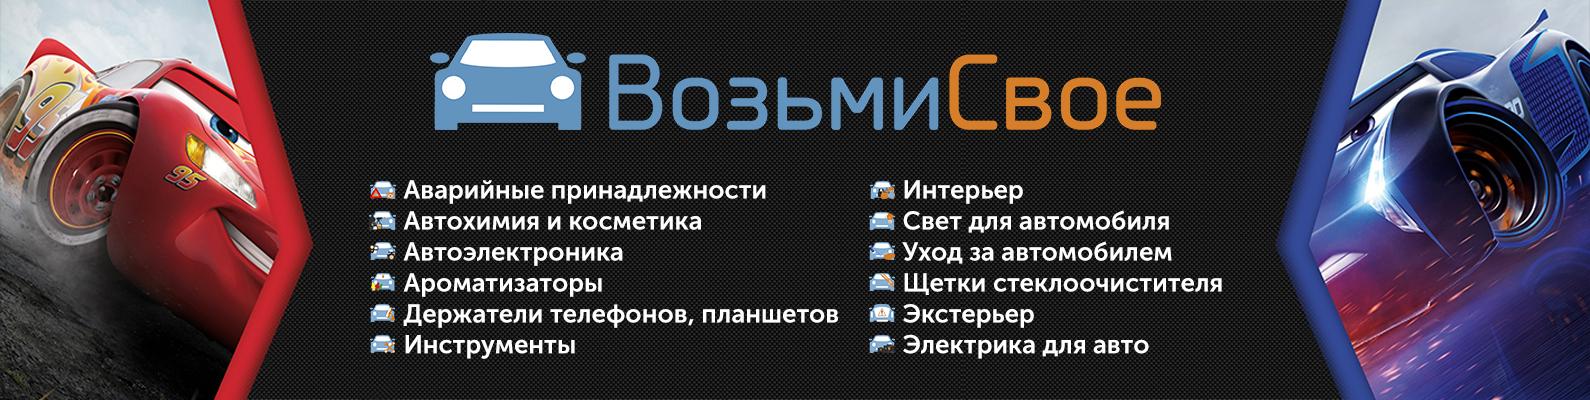 Деньги за рекламу на авто иваново автосалон автория в москве на каширском шоссе